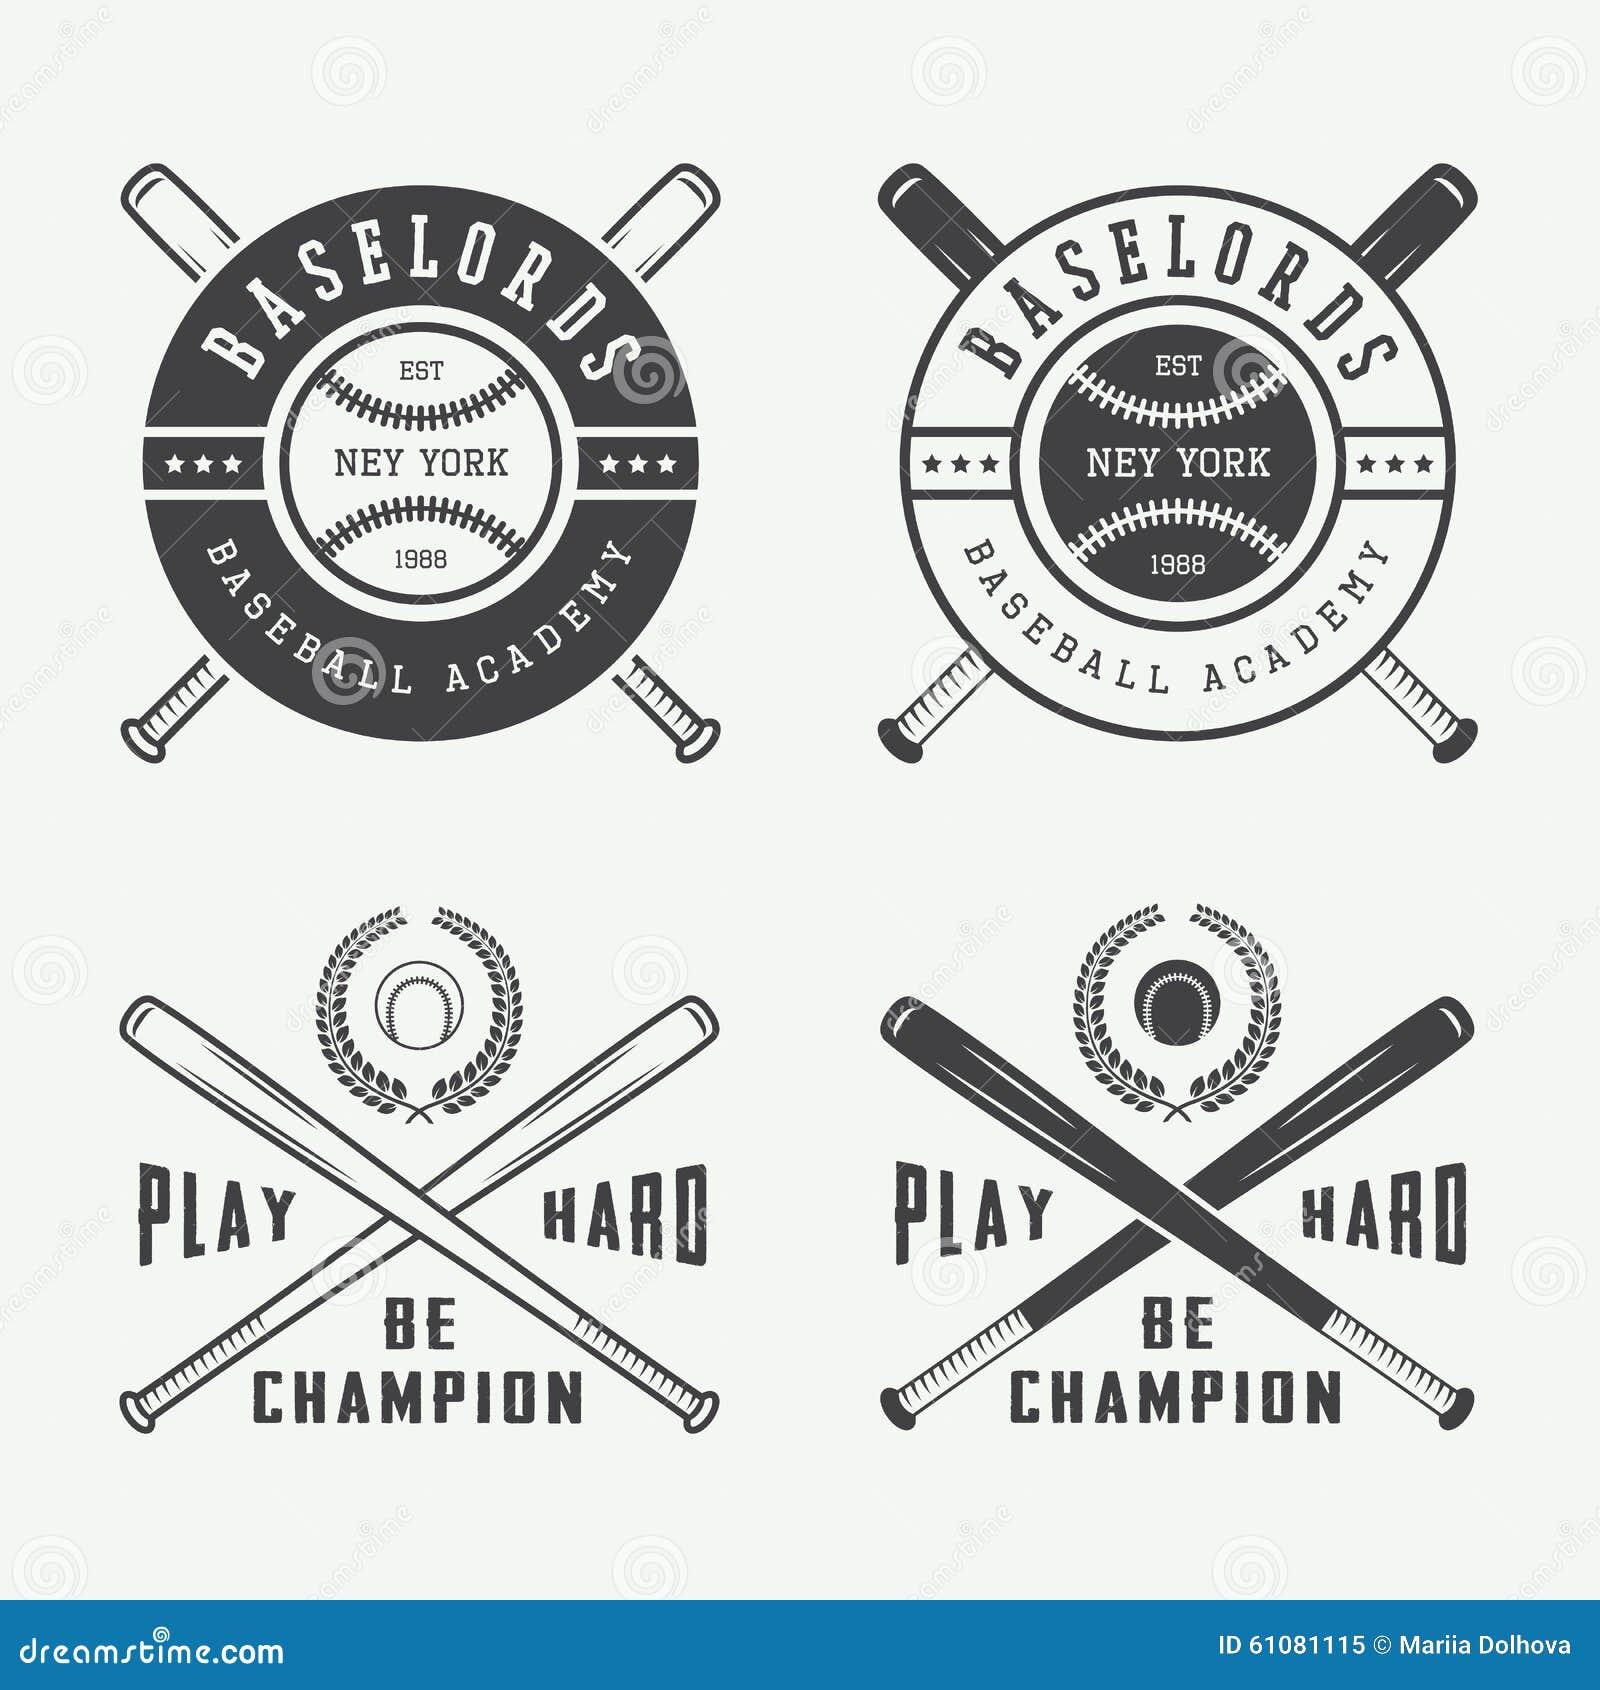 Vintage Baseball Logos 80